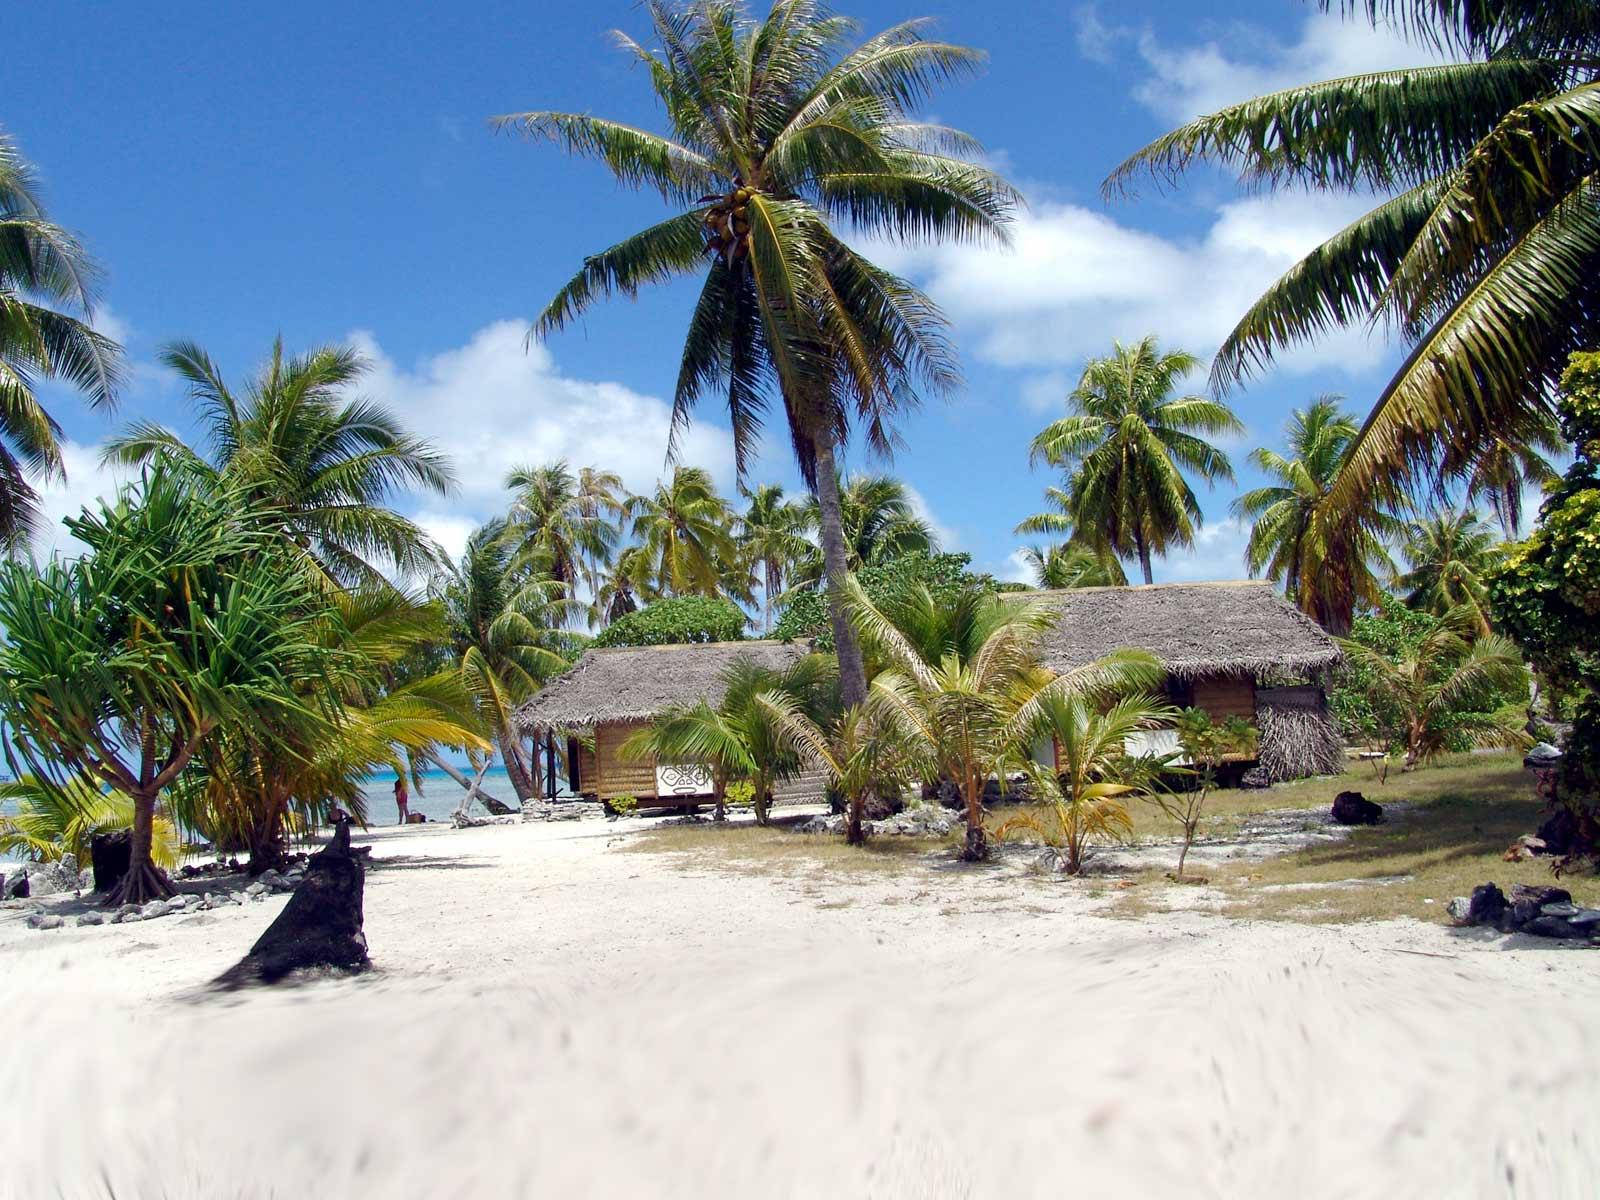 Charter Bahamas: Nur ein Bruchteil der bahamischen Inseln ist bewohnt